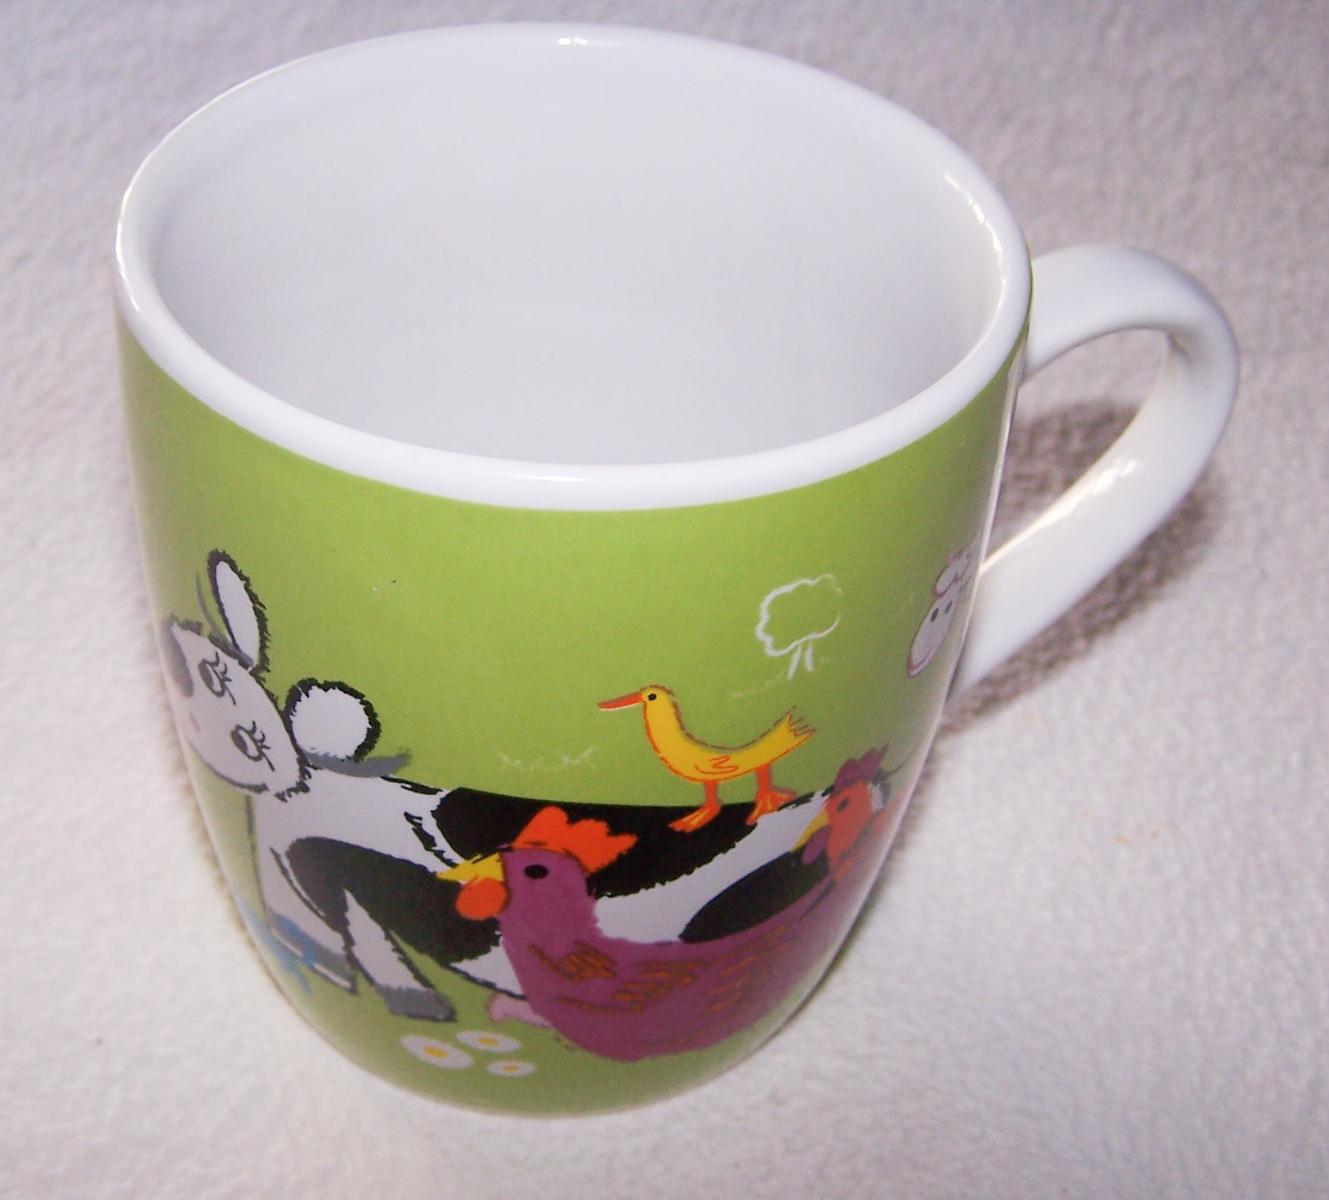 Haushalt - servieren - Geschirr - Kaffee-/Tee-/Milchbecher - Bauernhof-Tiere